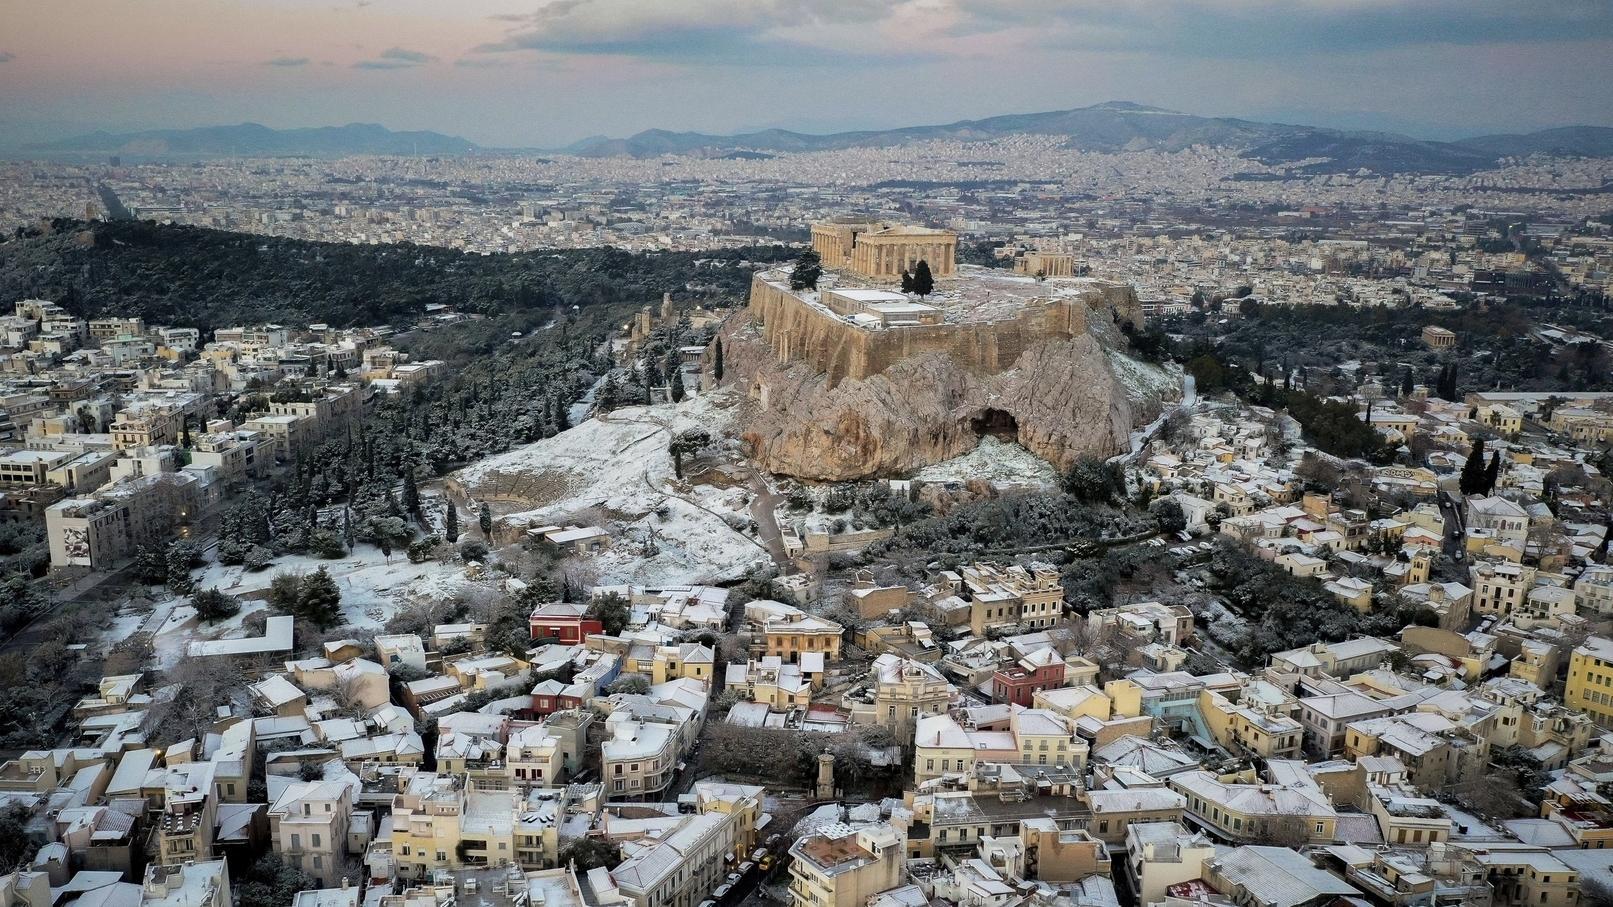 Schnee bedeckt Dächer des Stadtviertels Plaka und die Akropolis. In Teilen Griechenlands schränkte Schneefall am Dienstag den Verkehr ein.